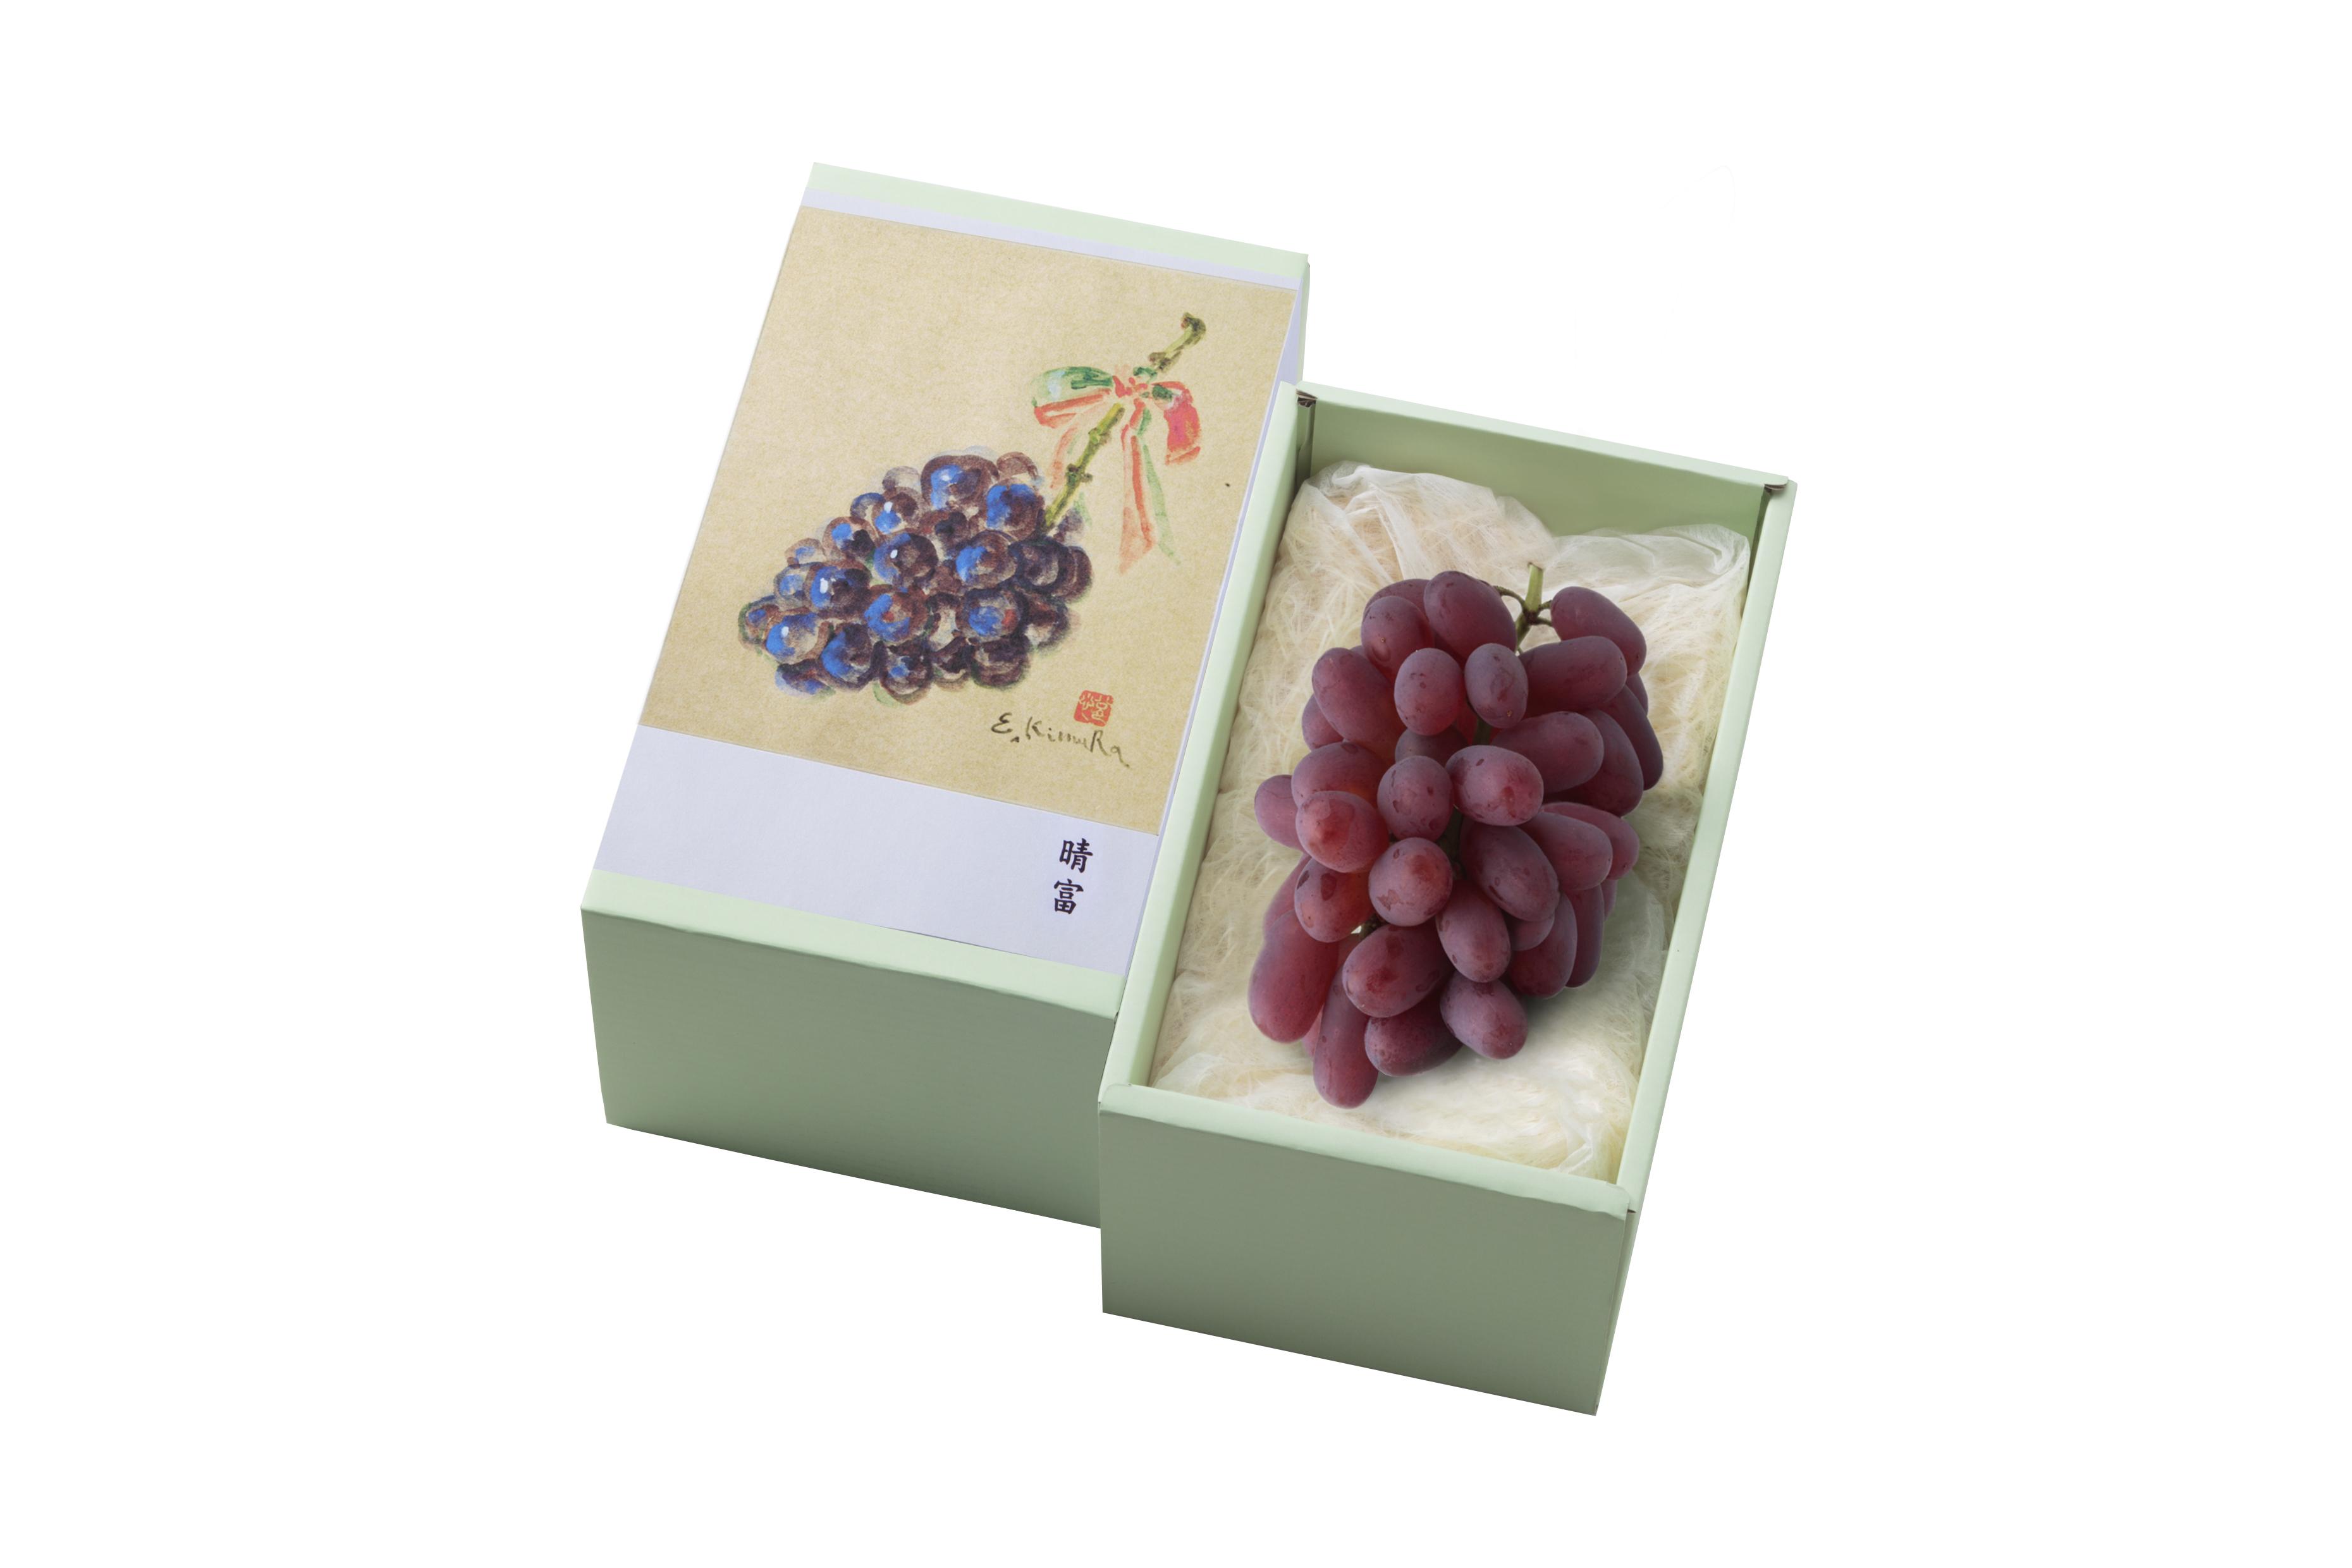 【岡山県】紫苑 1房 岡山県産